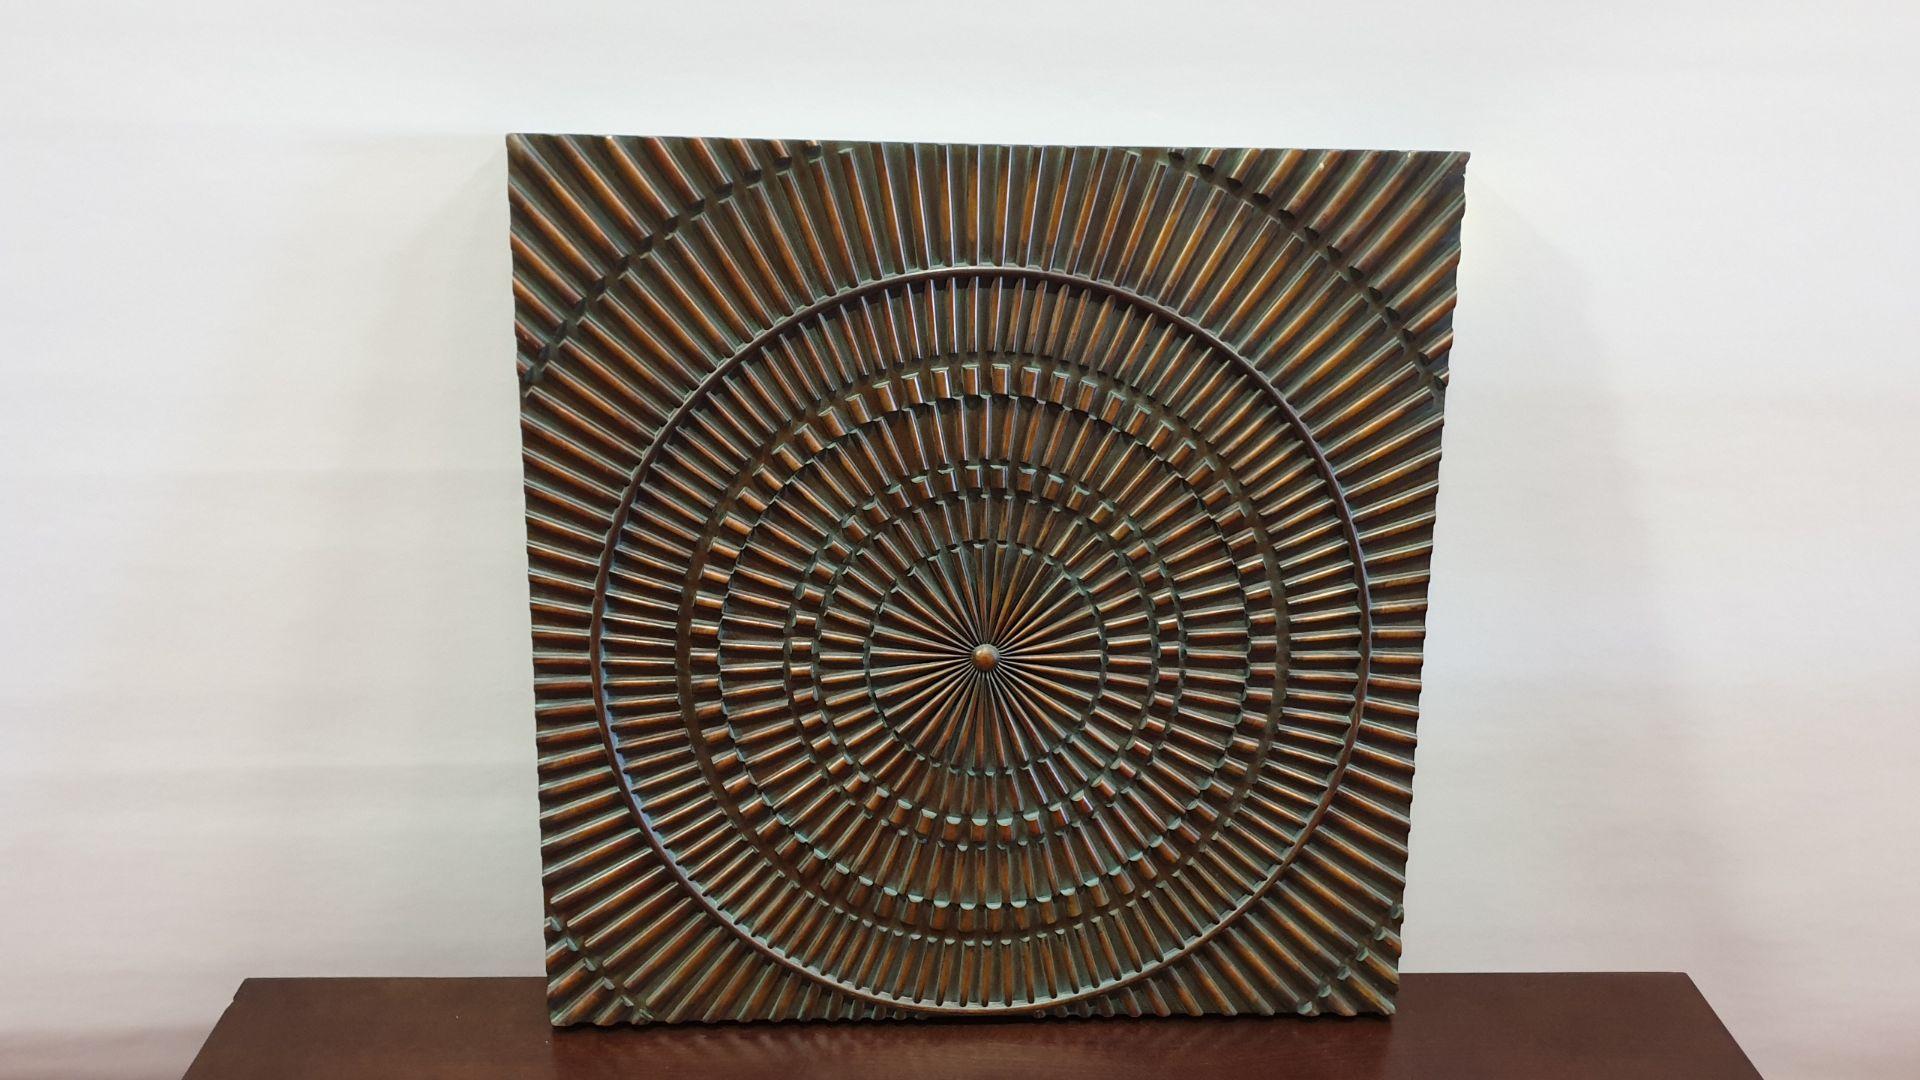 Lot 209 - WOODEN ART WORK SCULPTURE SIZE 760 X 760 X 40MM RRP £300